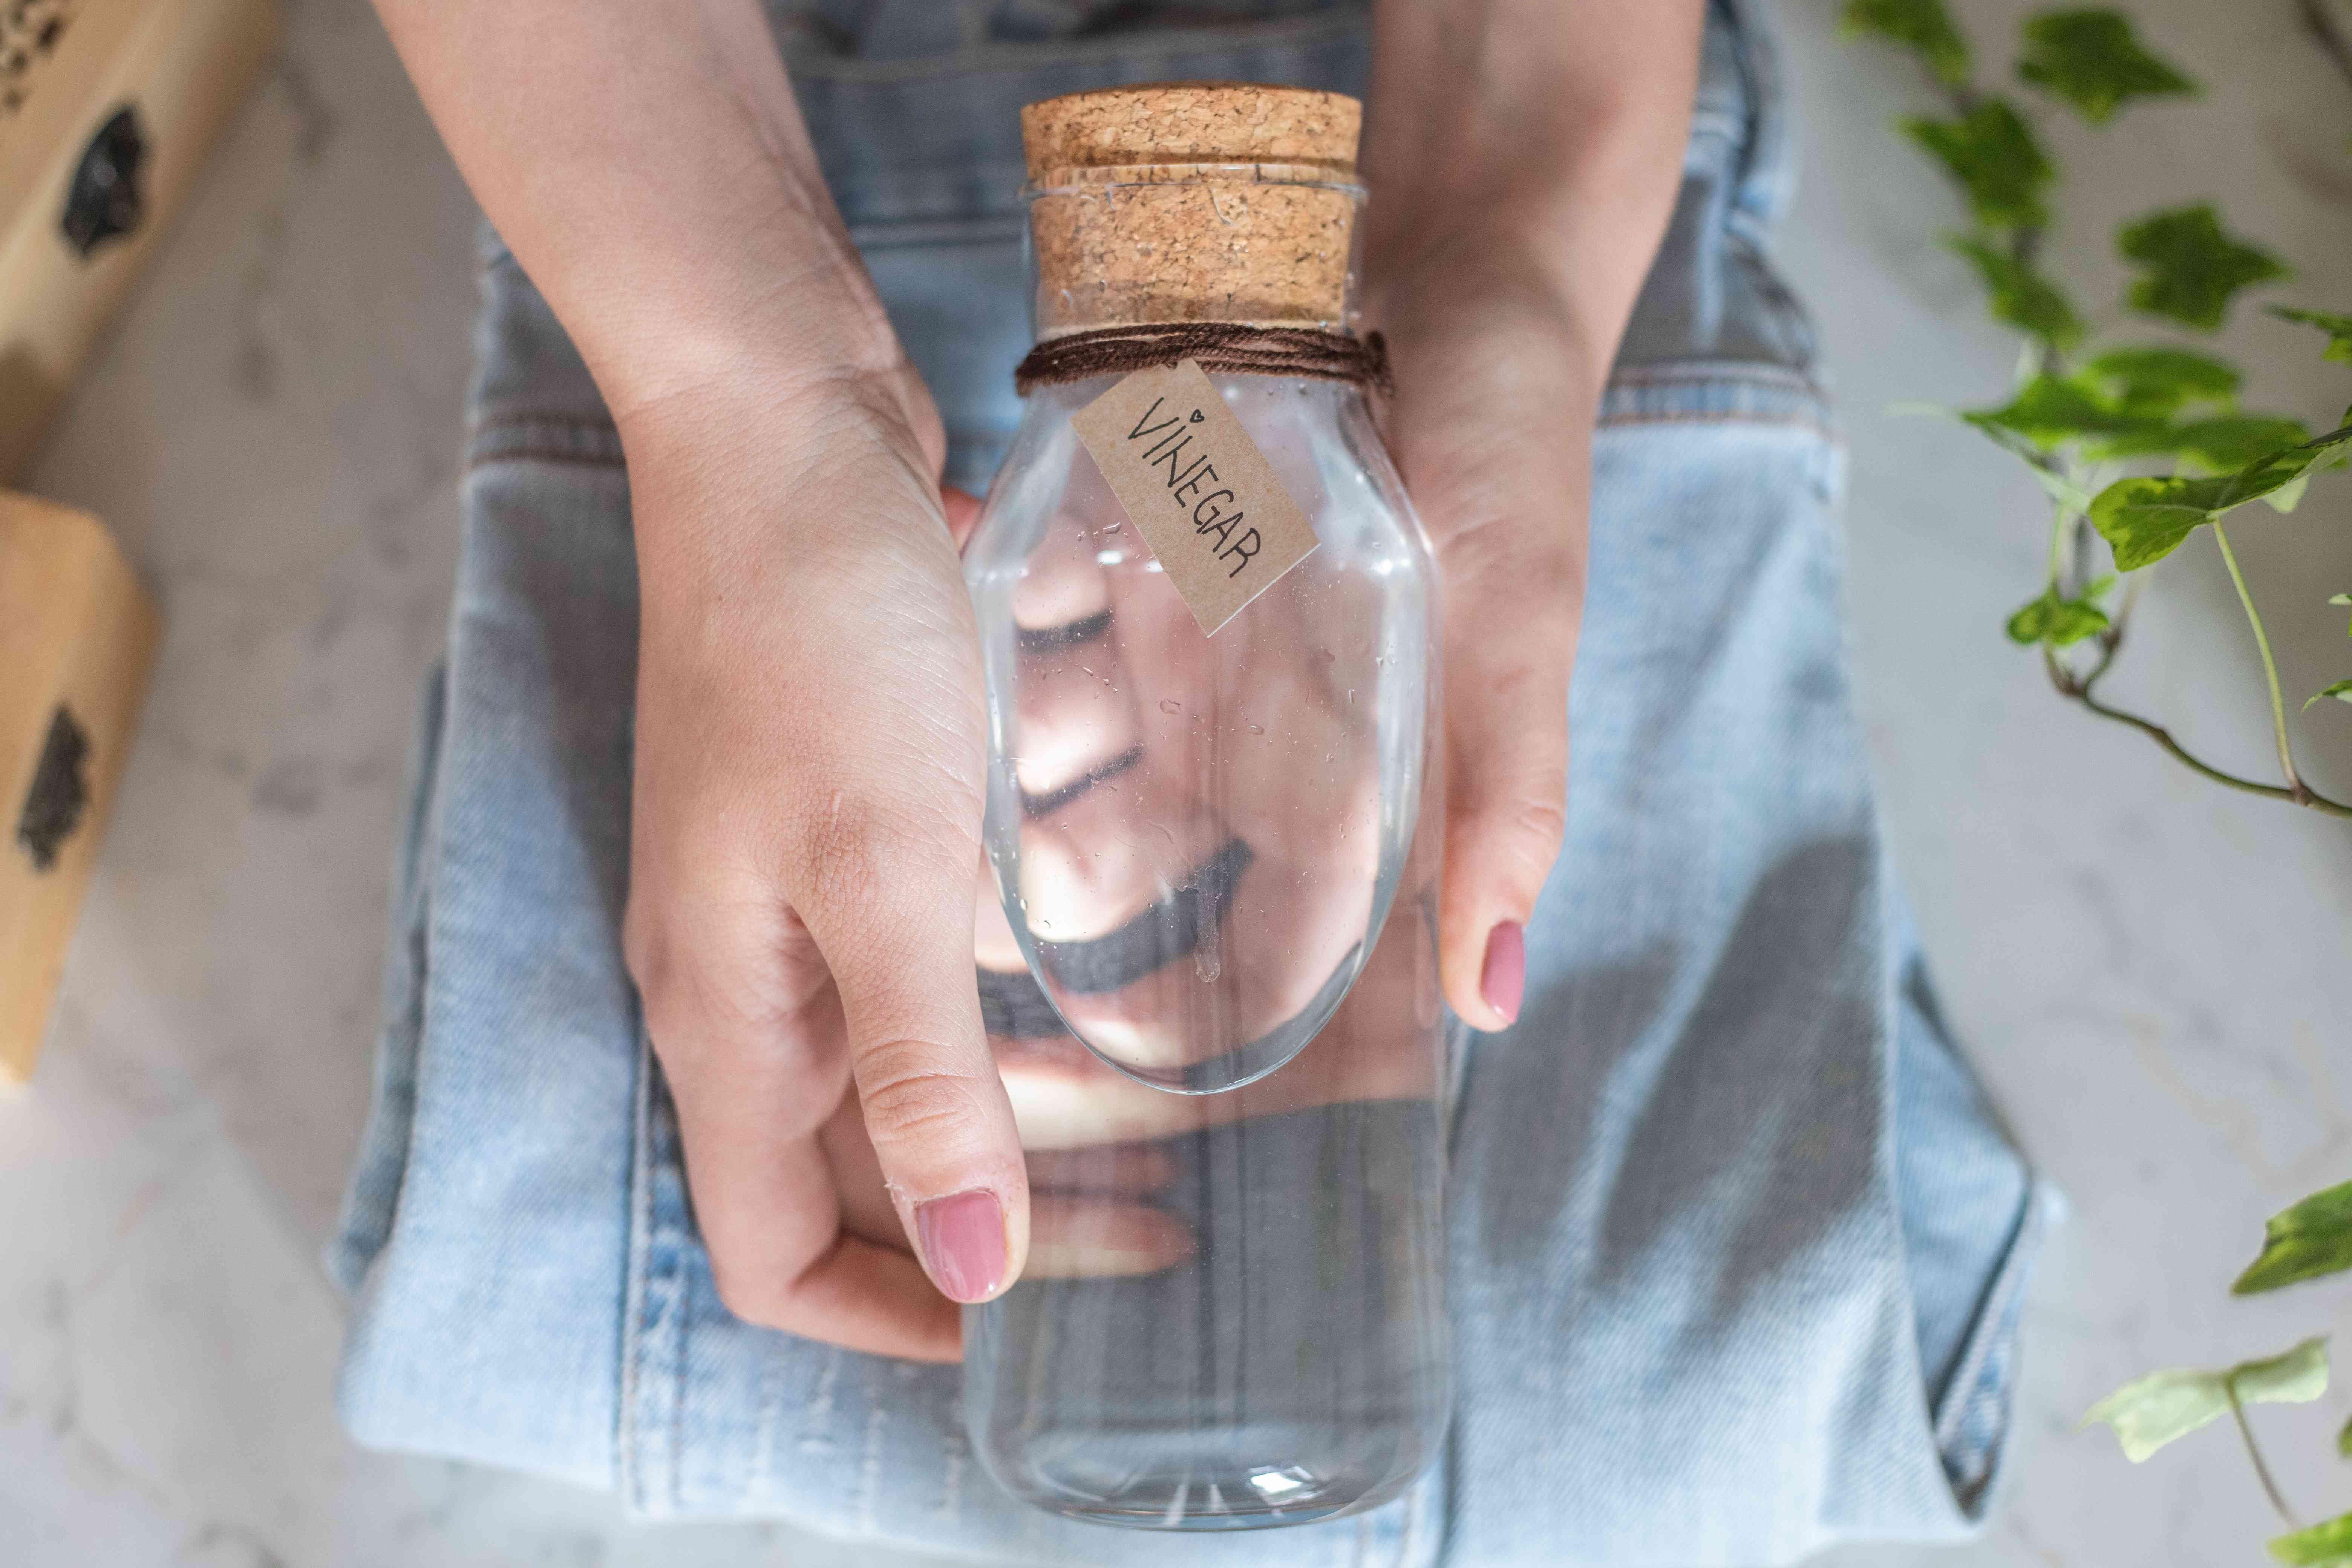 hands hold glass bottle of white vinegar over folded denim clothing